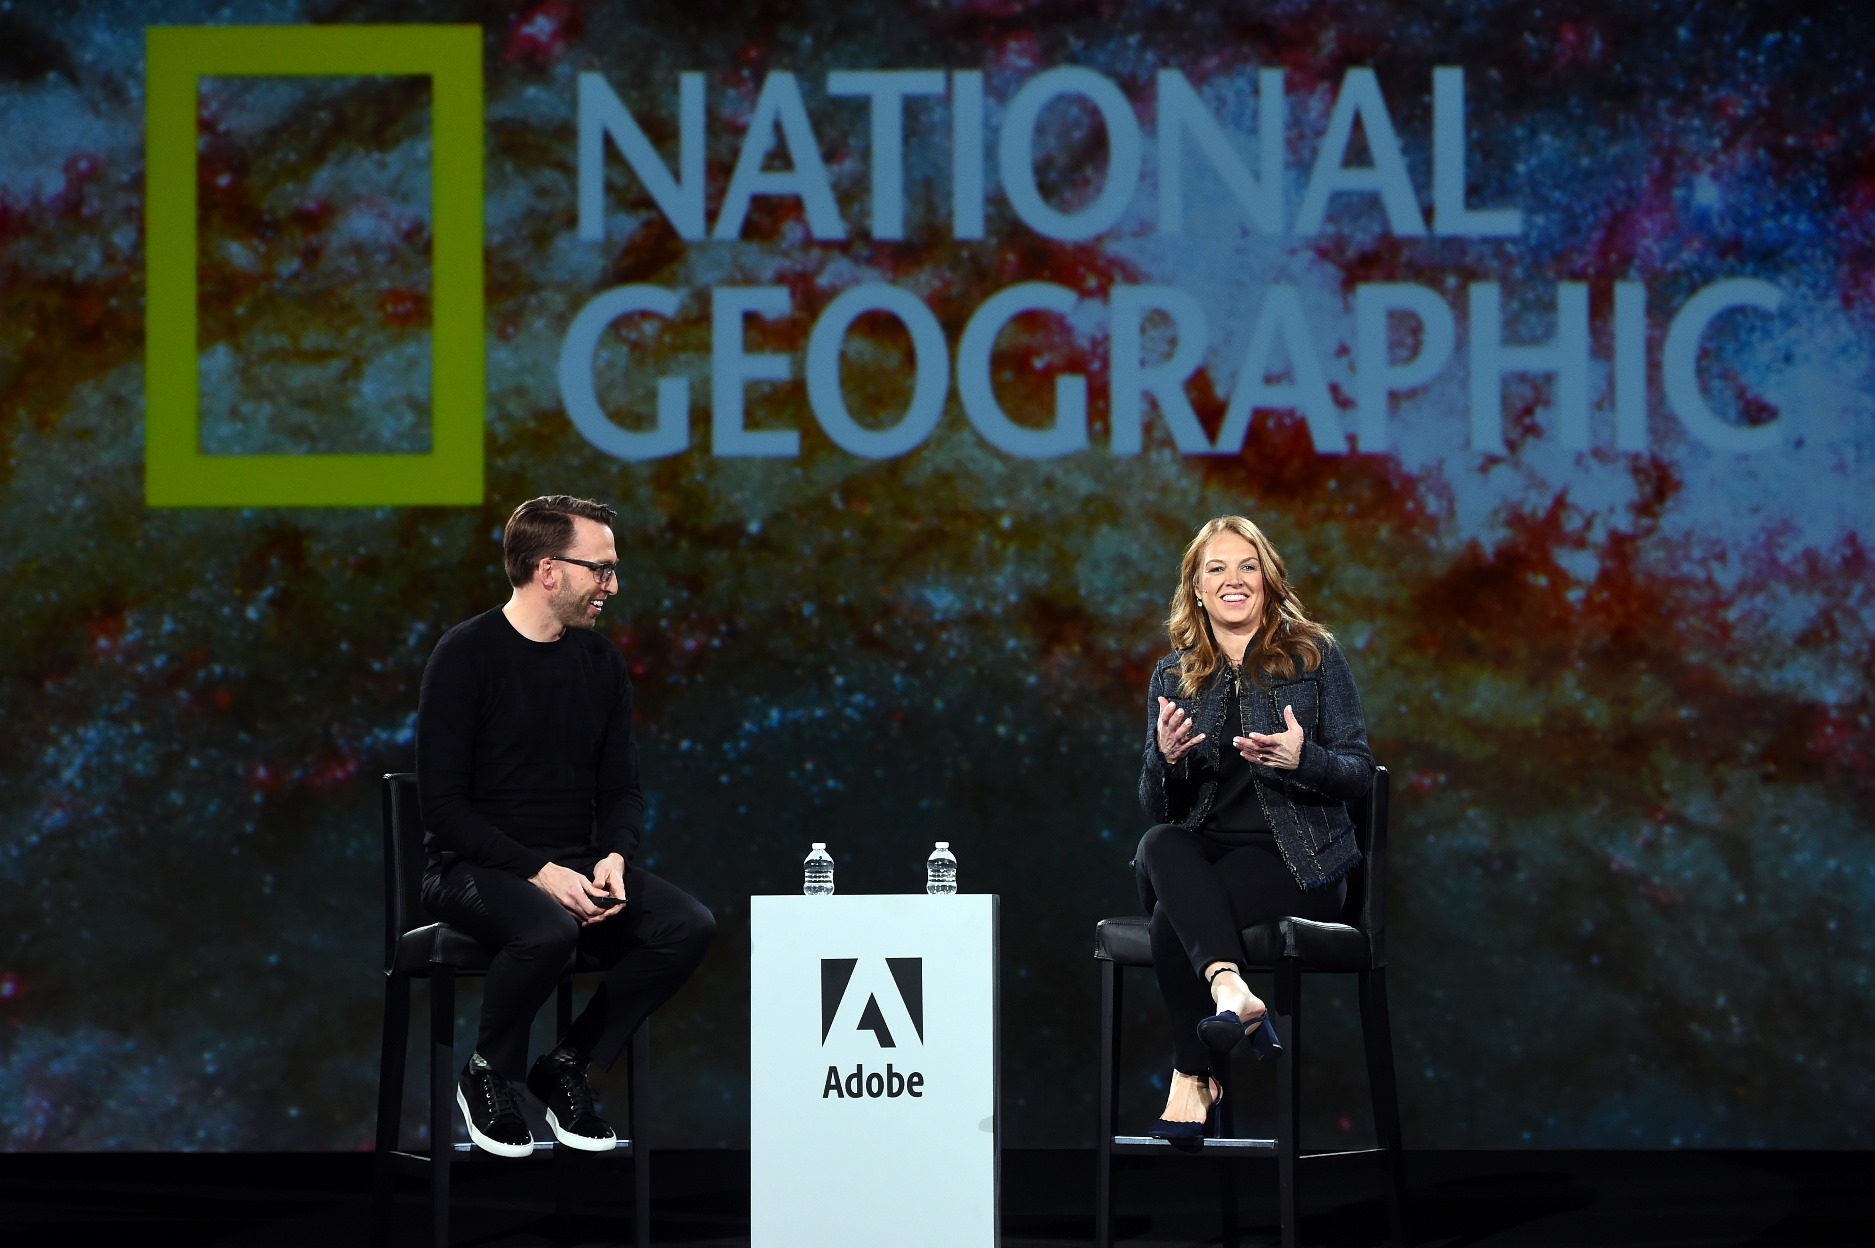 20170321 adobe summit day 1  0314 อะโดบีปฏิวัติการสร้างสรรค์ประสบการณ์ลูกค้าที่งาน Adobe Summit 2017